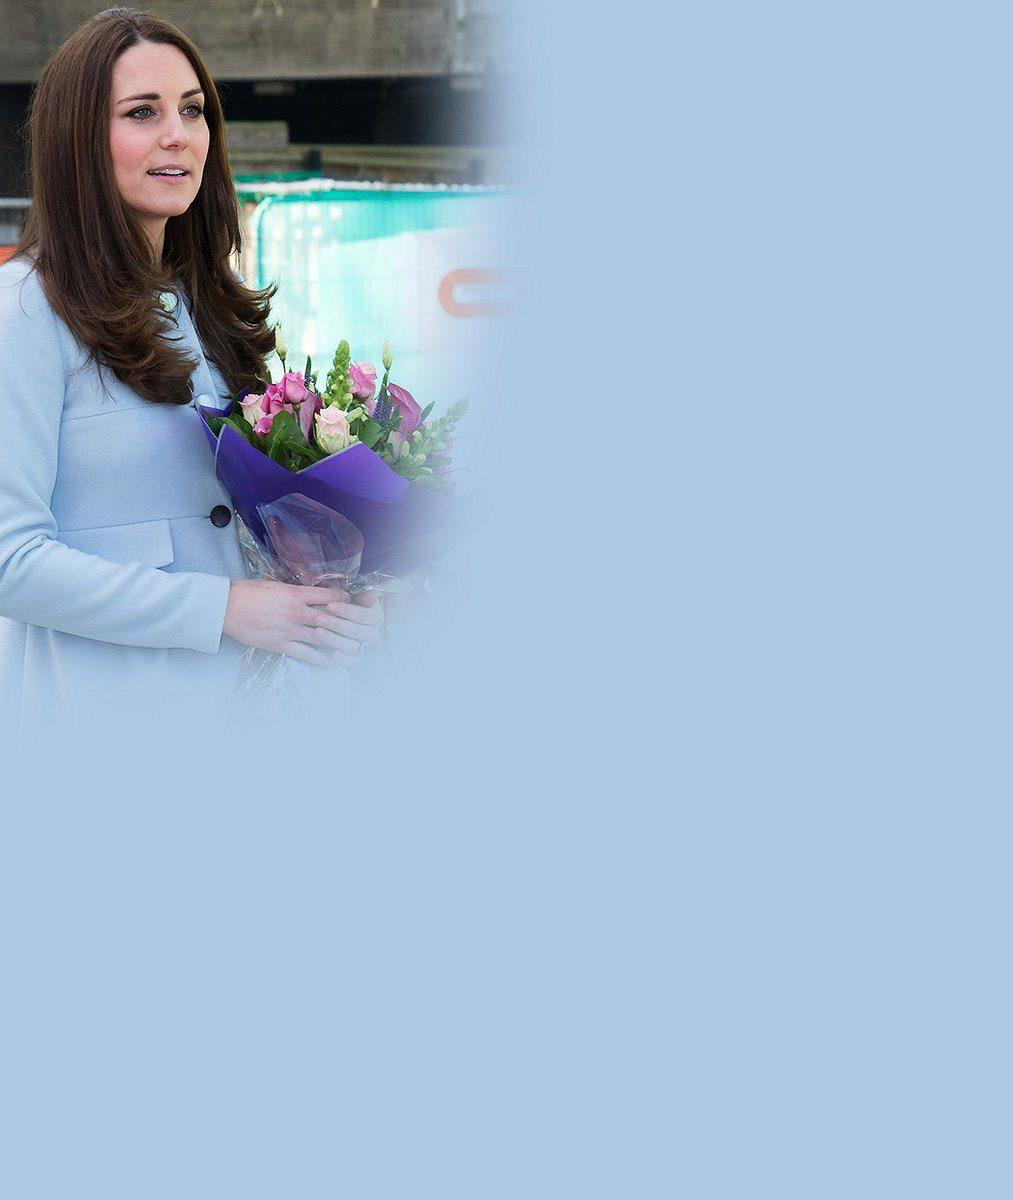 Těhotná vévodkyně Kate na natáčení populárního seriálu: Mezi hlavními protagonisty se královsky bavila